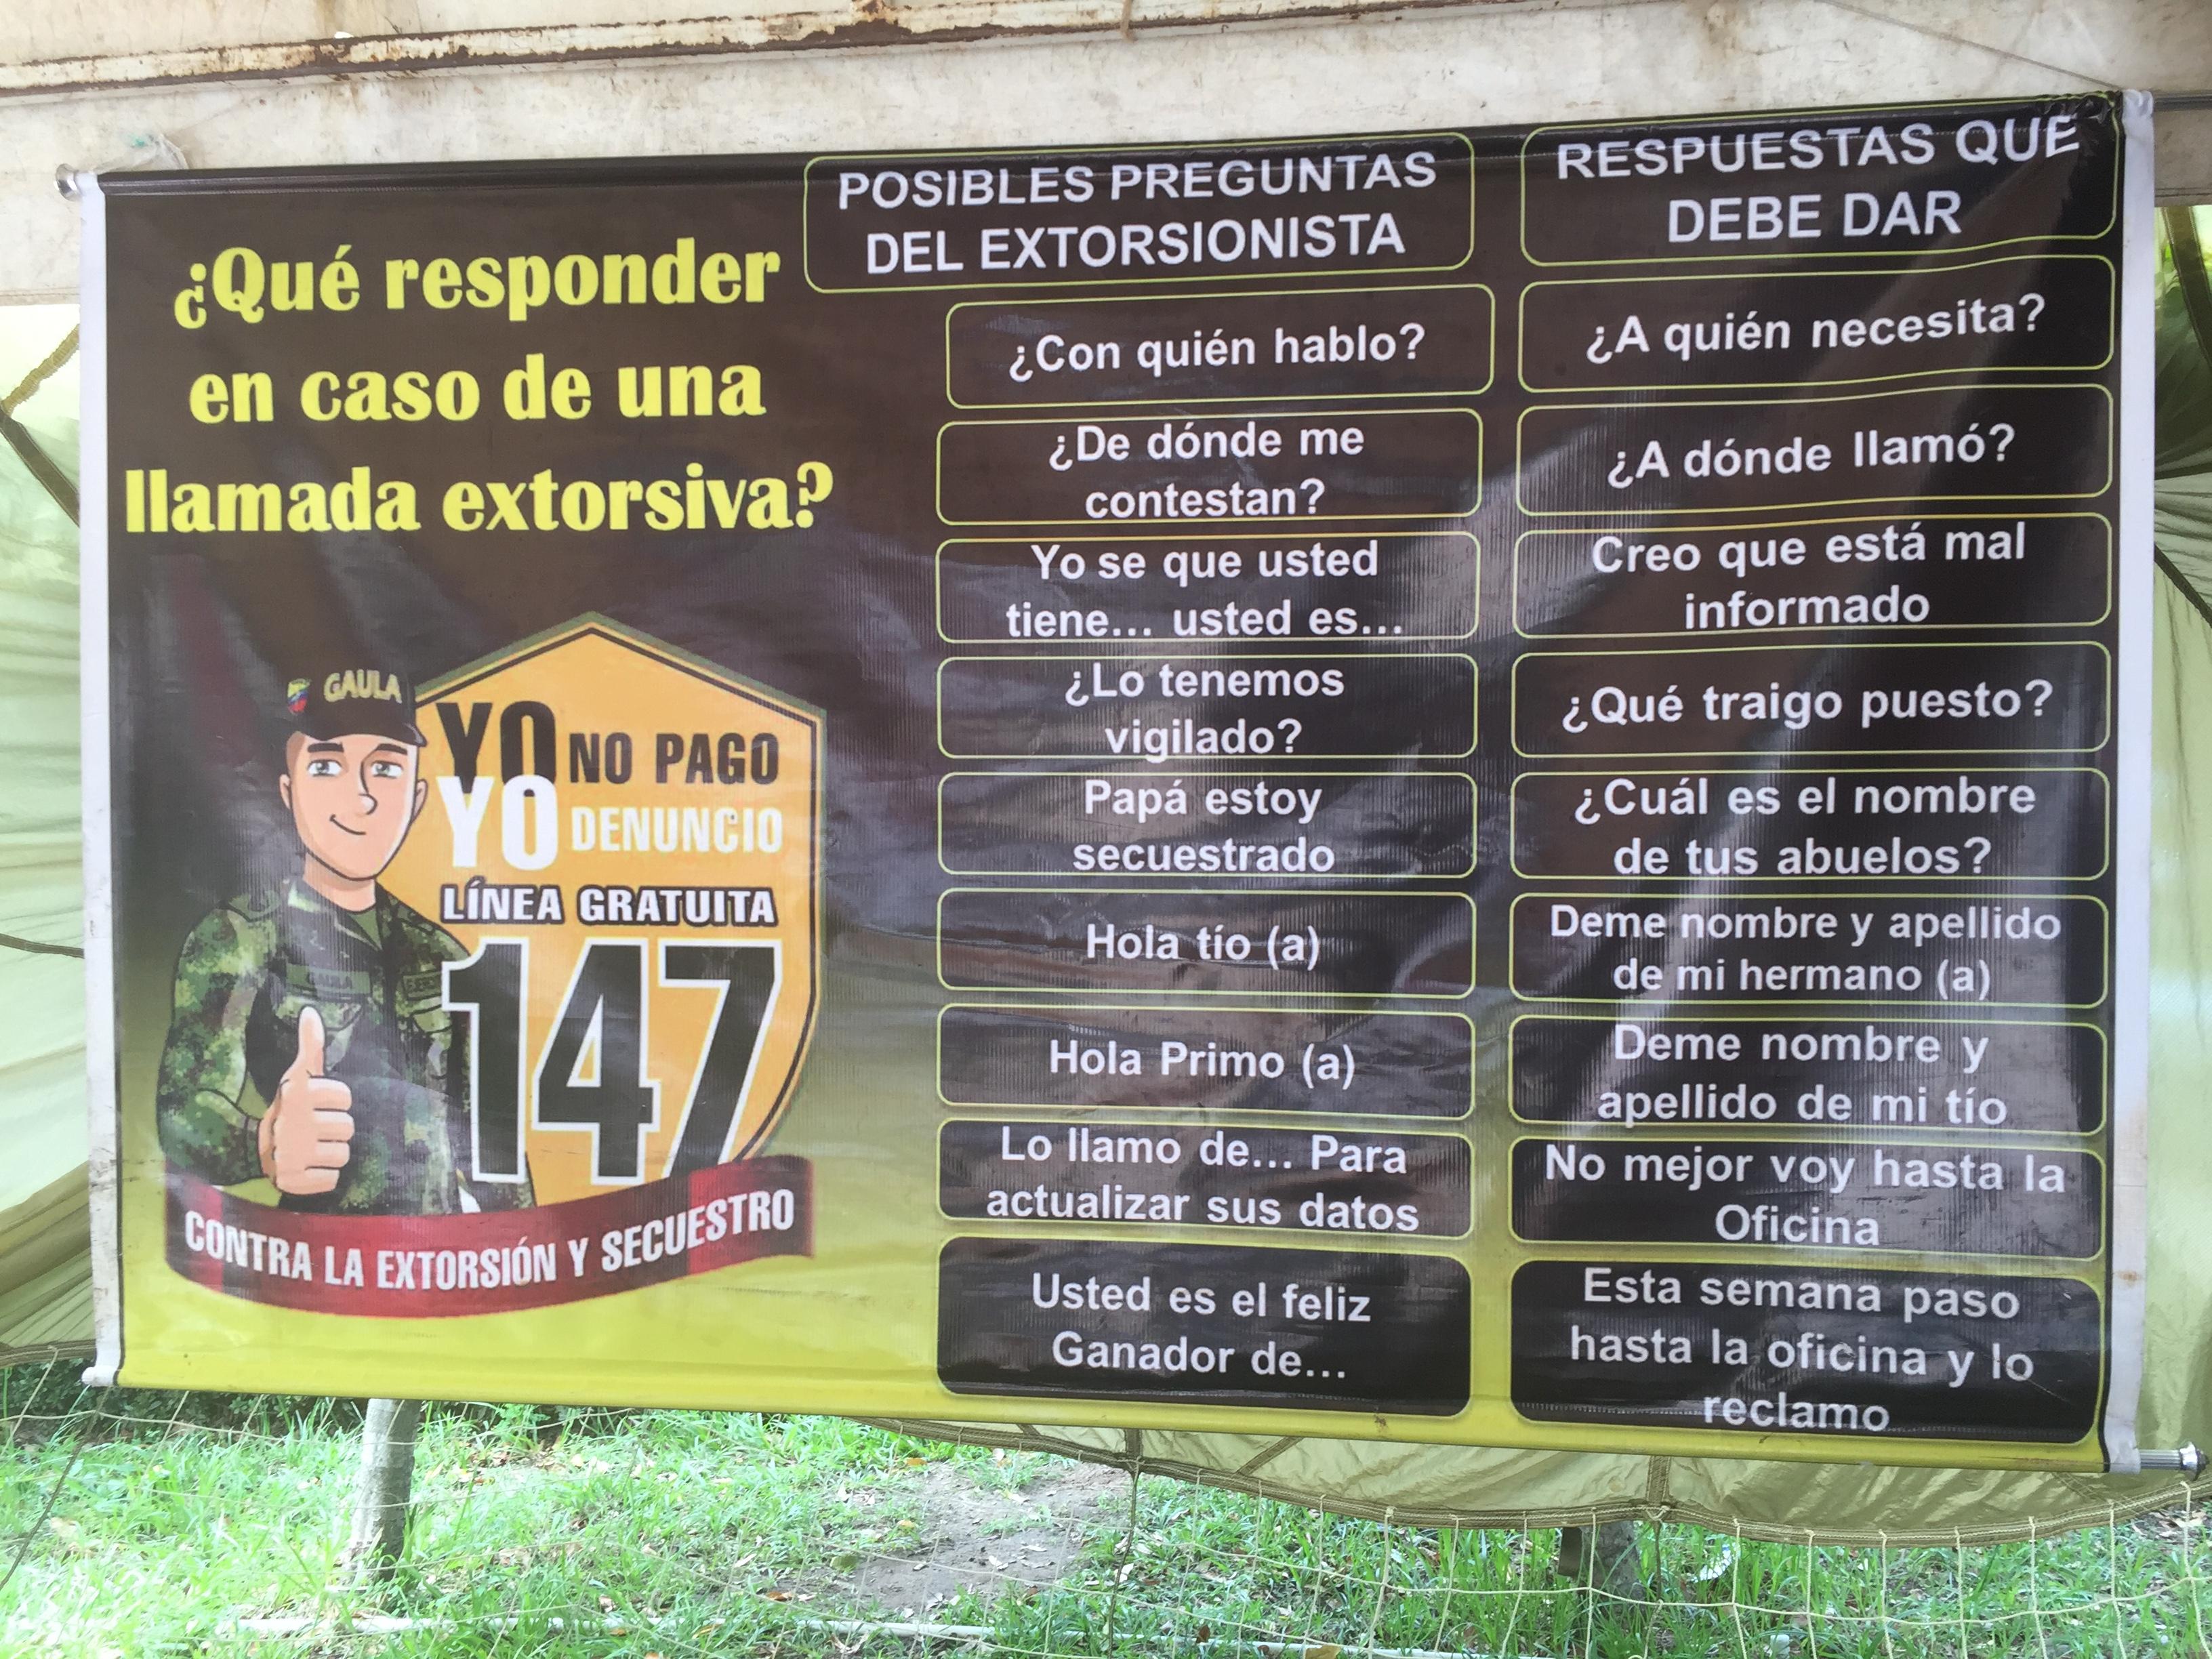 Grupo Gaula arrecia lucha contra la extorsión en Casanare